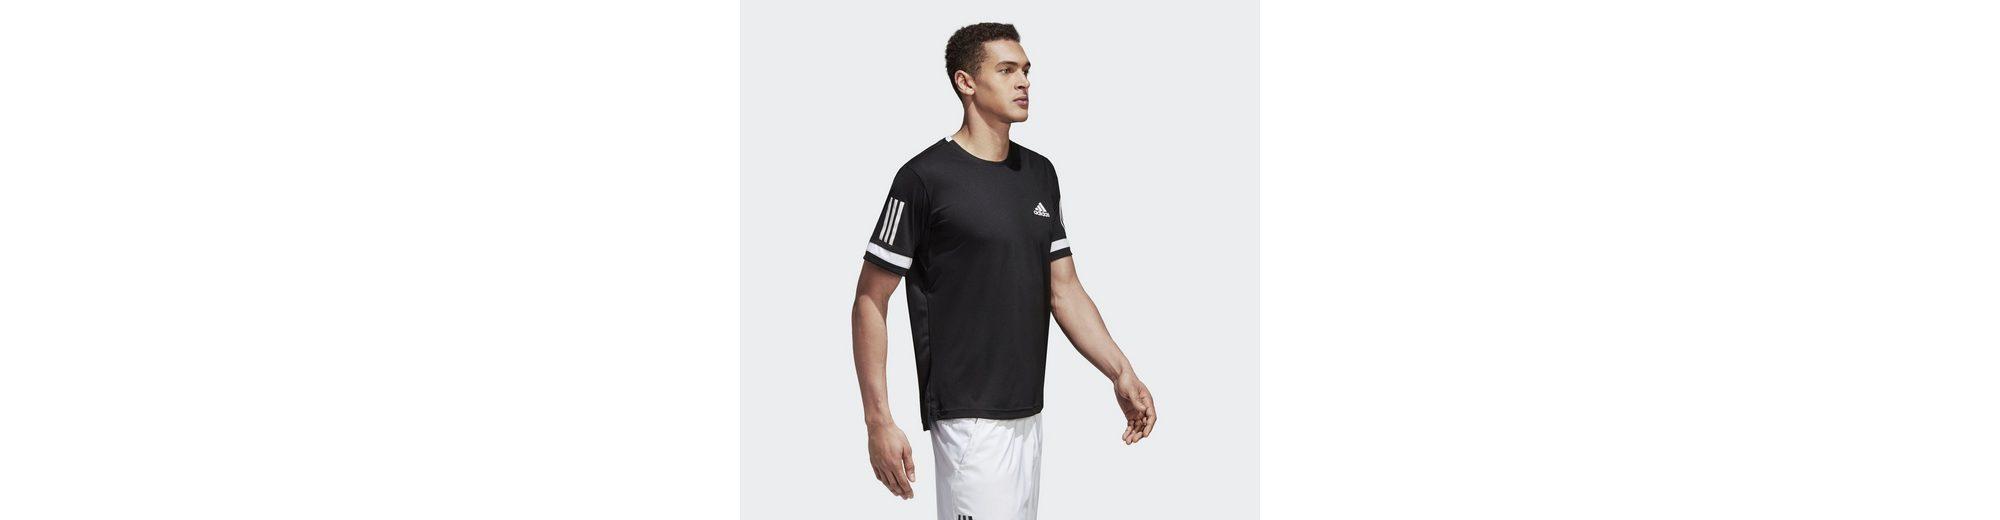 adidas Performance T-Shirt 3-Streifen Club T-Shirt Billig Größte Lieferant Auslass Finish Günstig Kaufen Besuch Footaction Zum Verkauf Online Zahlen Mit Paypal Verkauf 892Et2w